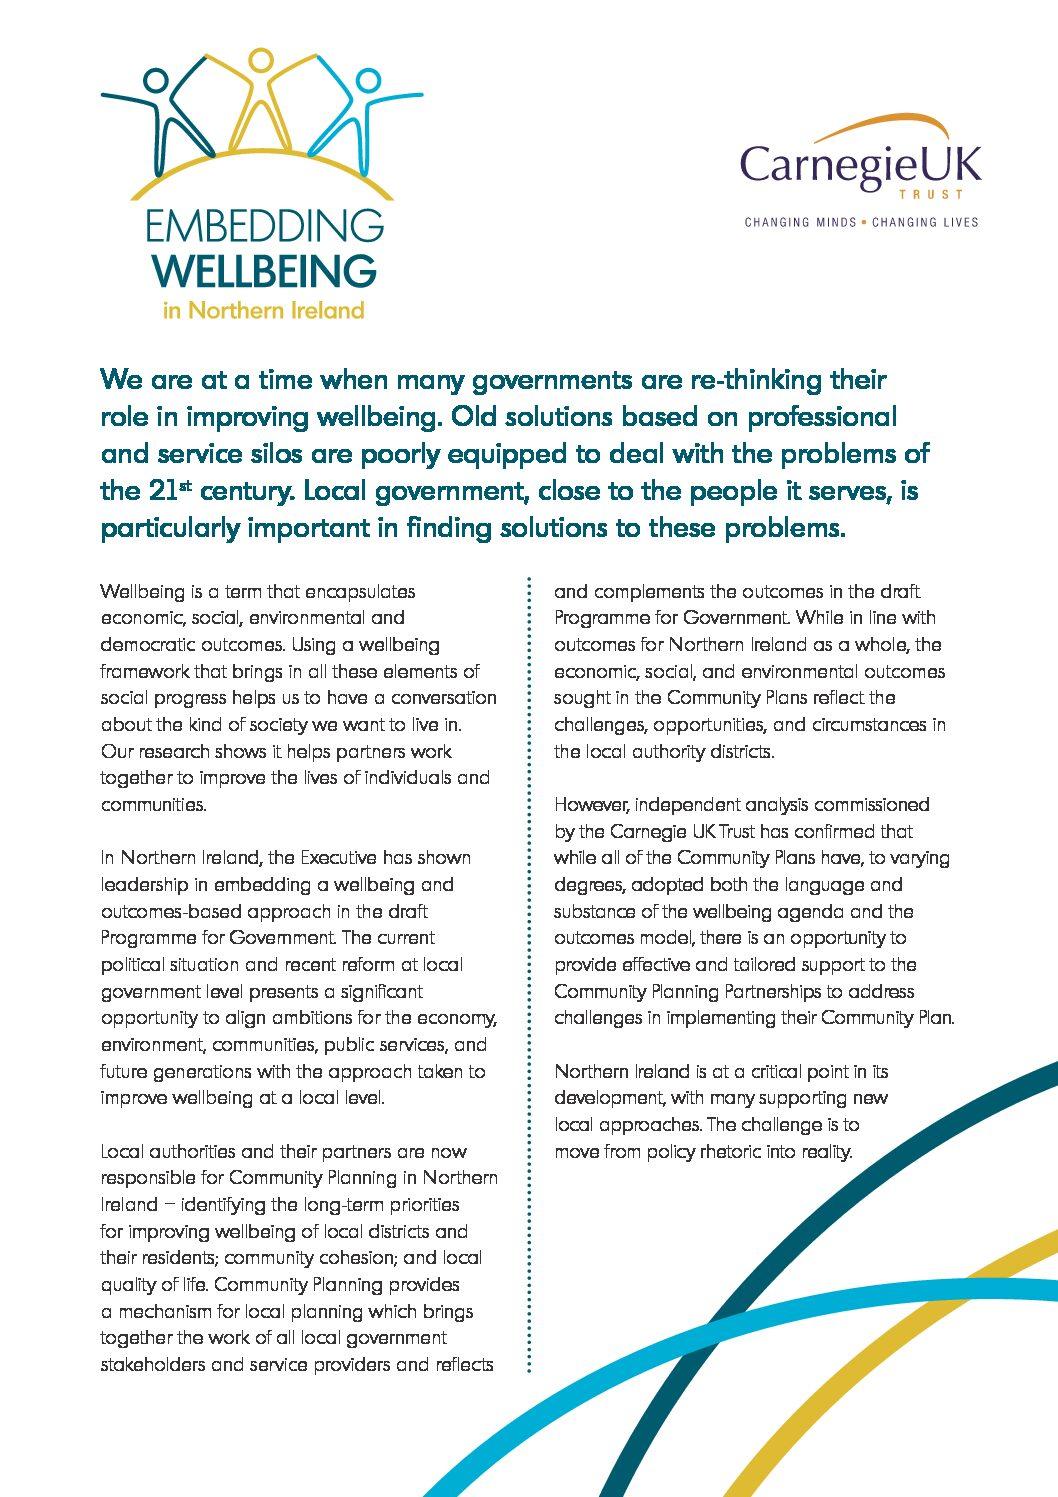 Enabling Wellbeing in Northern Ireland